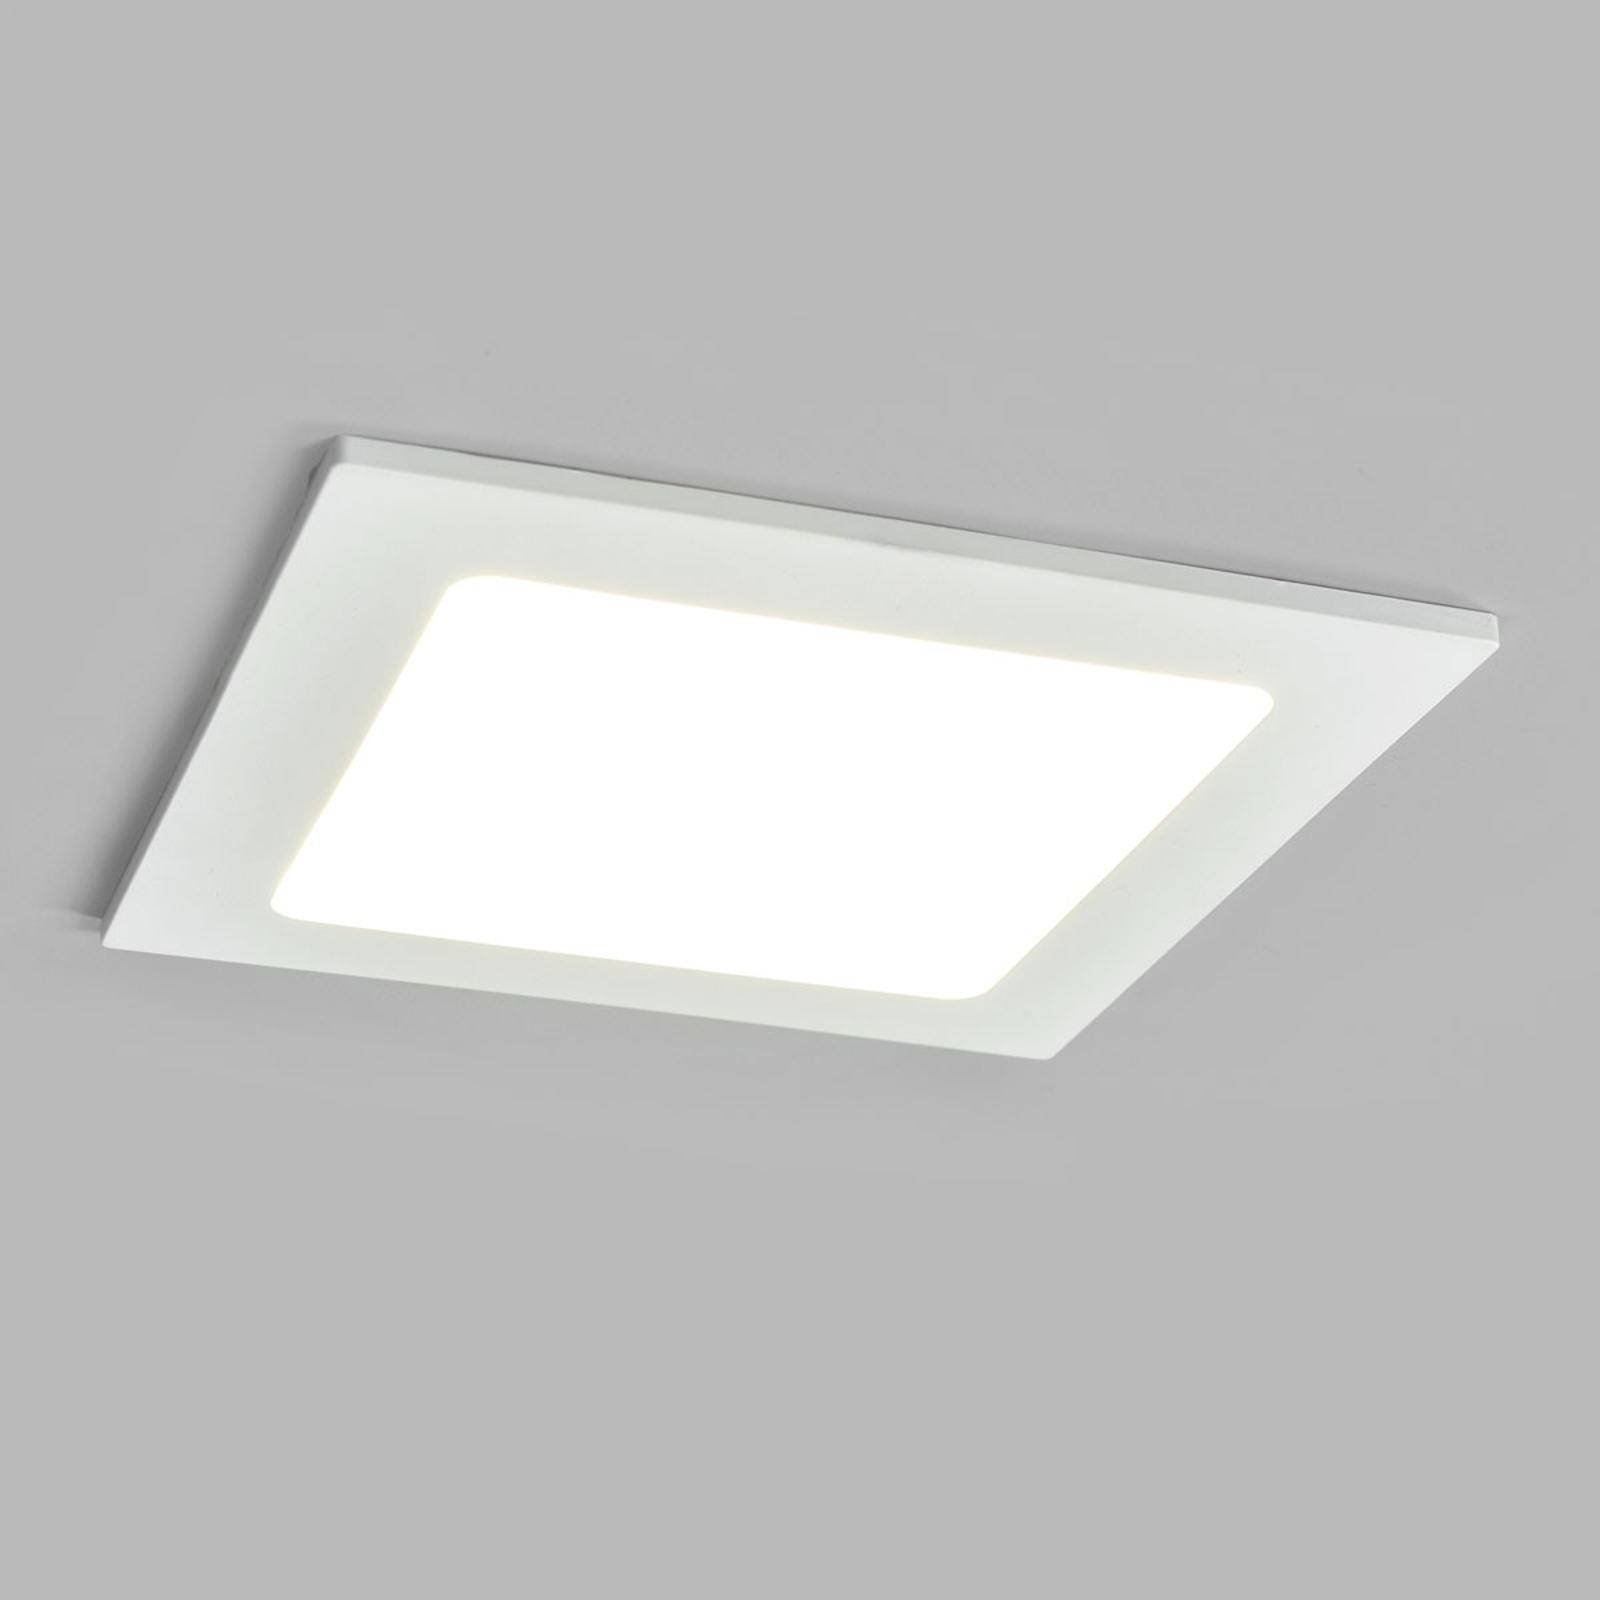 Spot LED Joki biały 4000K kątowy 16,5cm